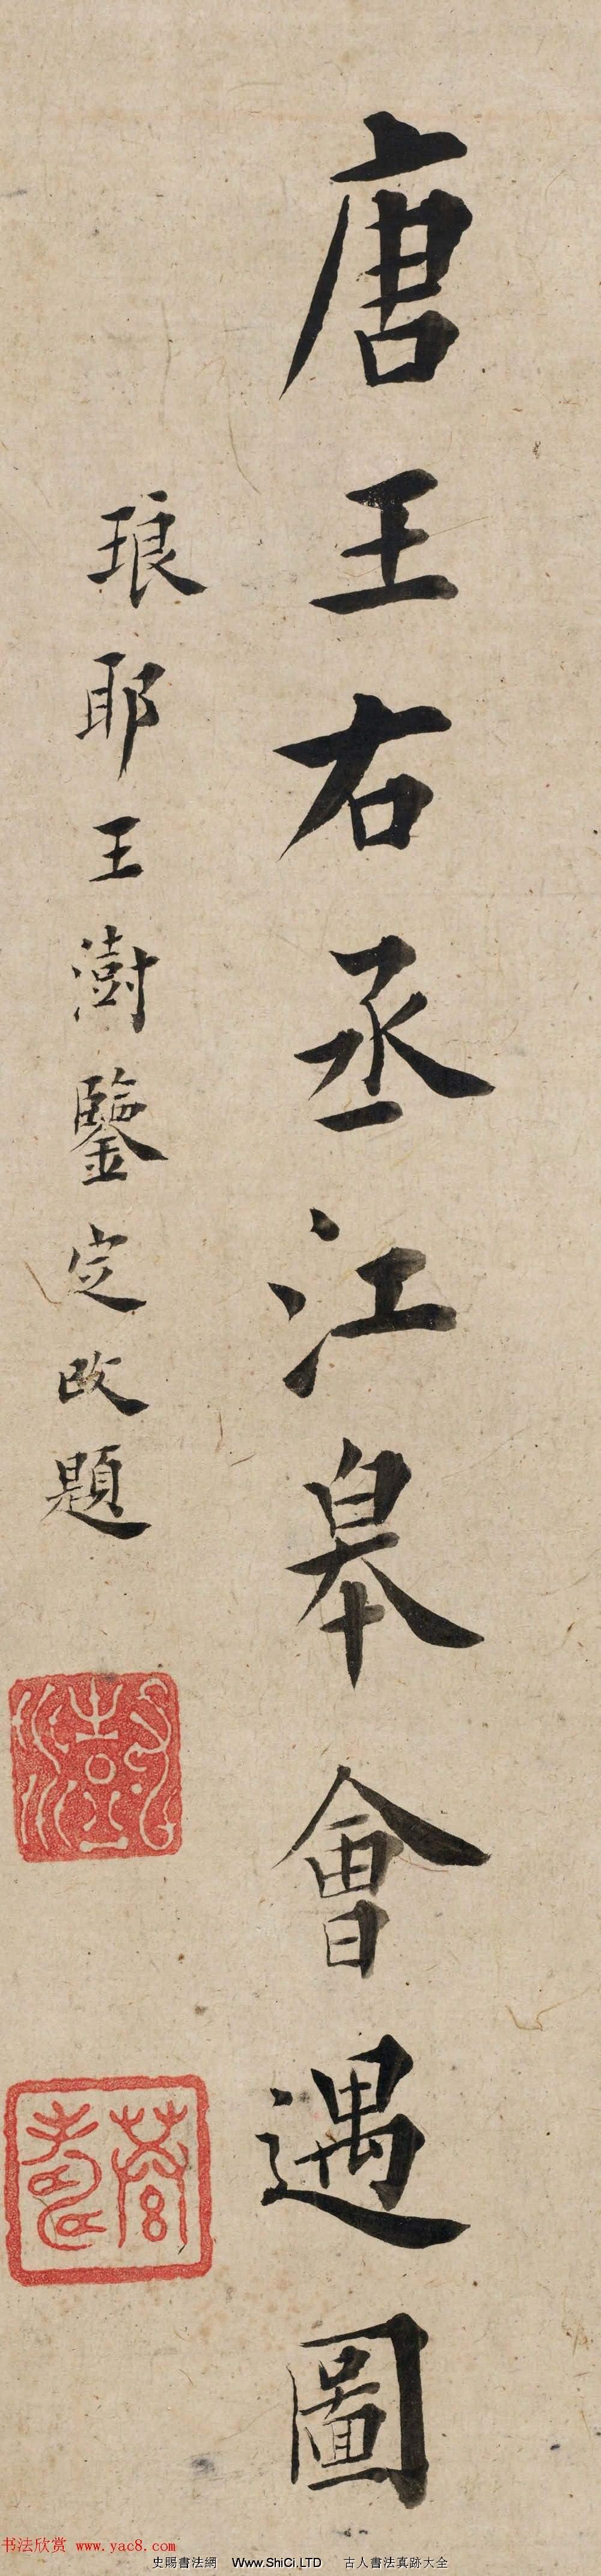 清代王澍書法題跋字帖《唐王右丞江皋會遇圖》(共5張圖片)